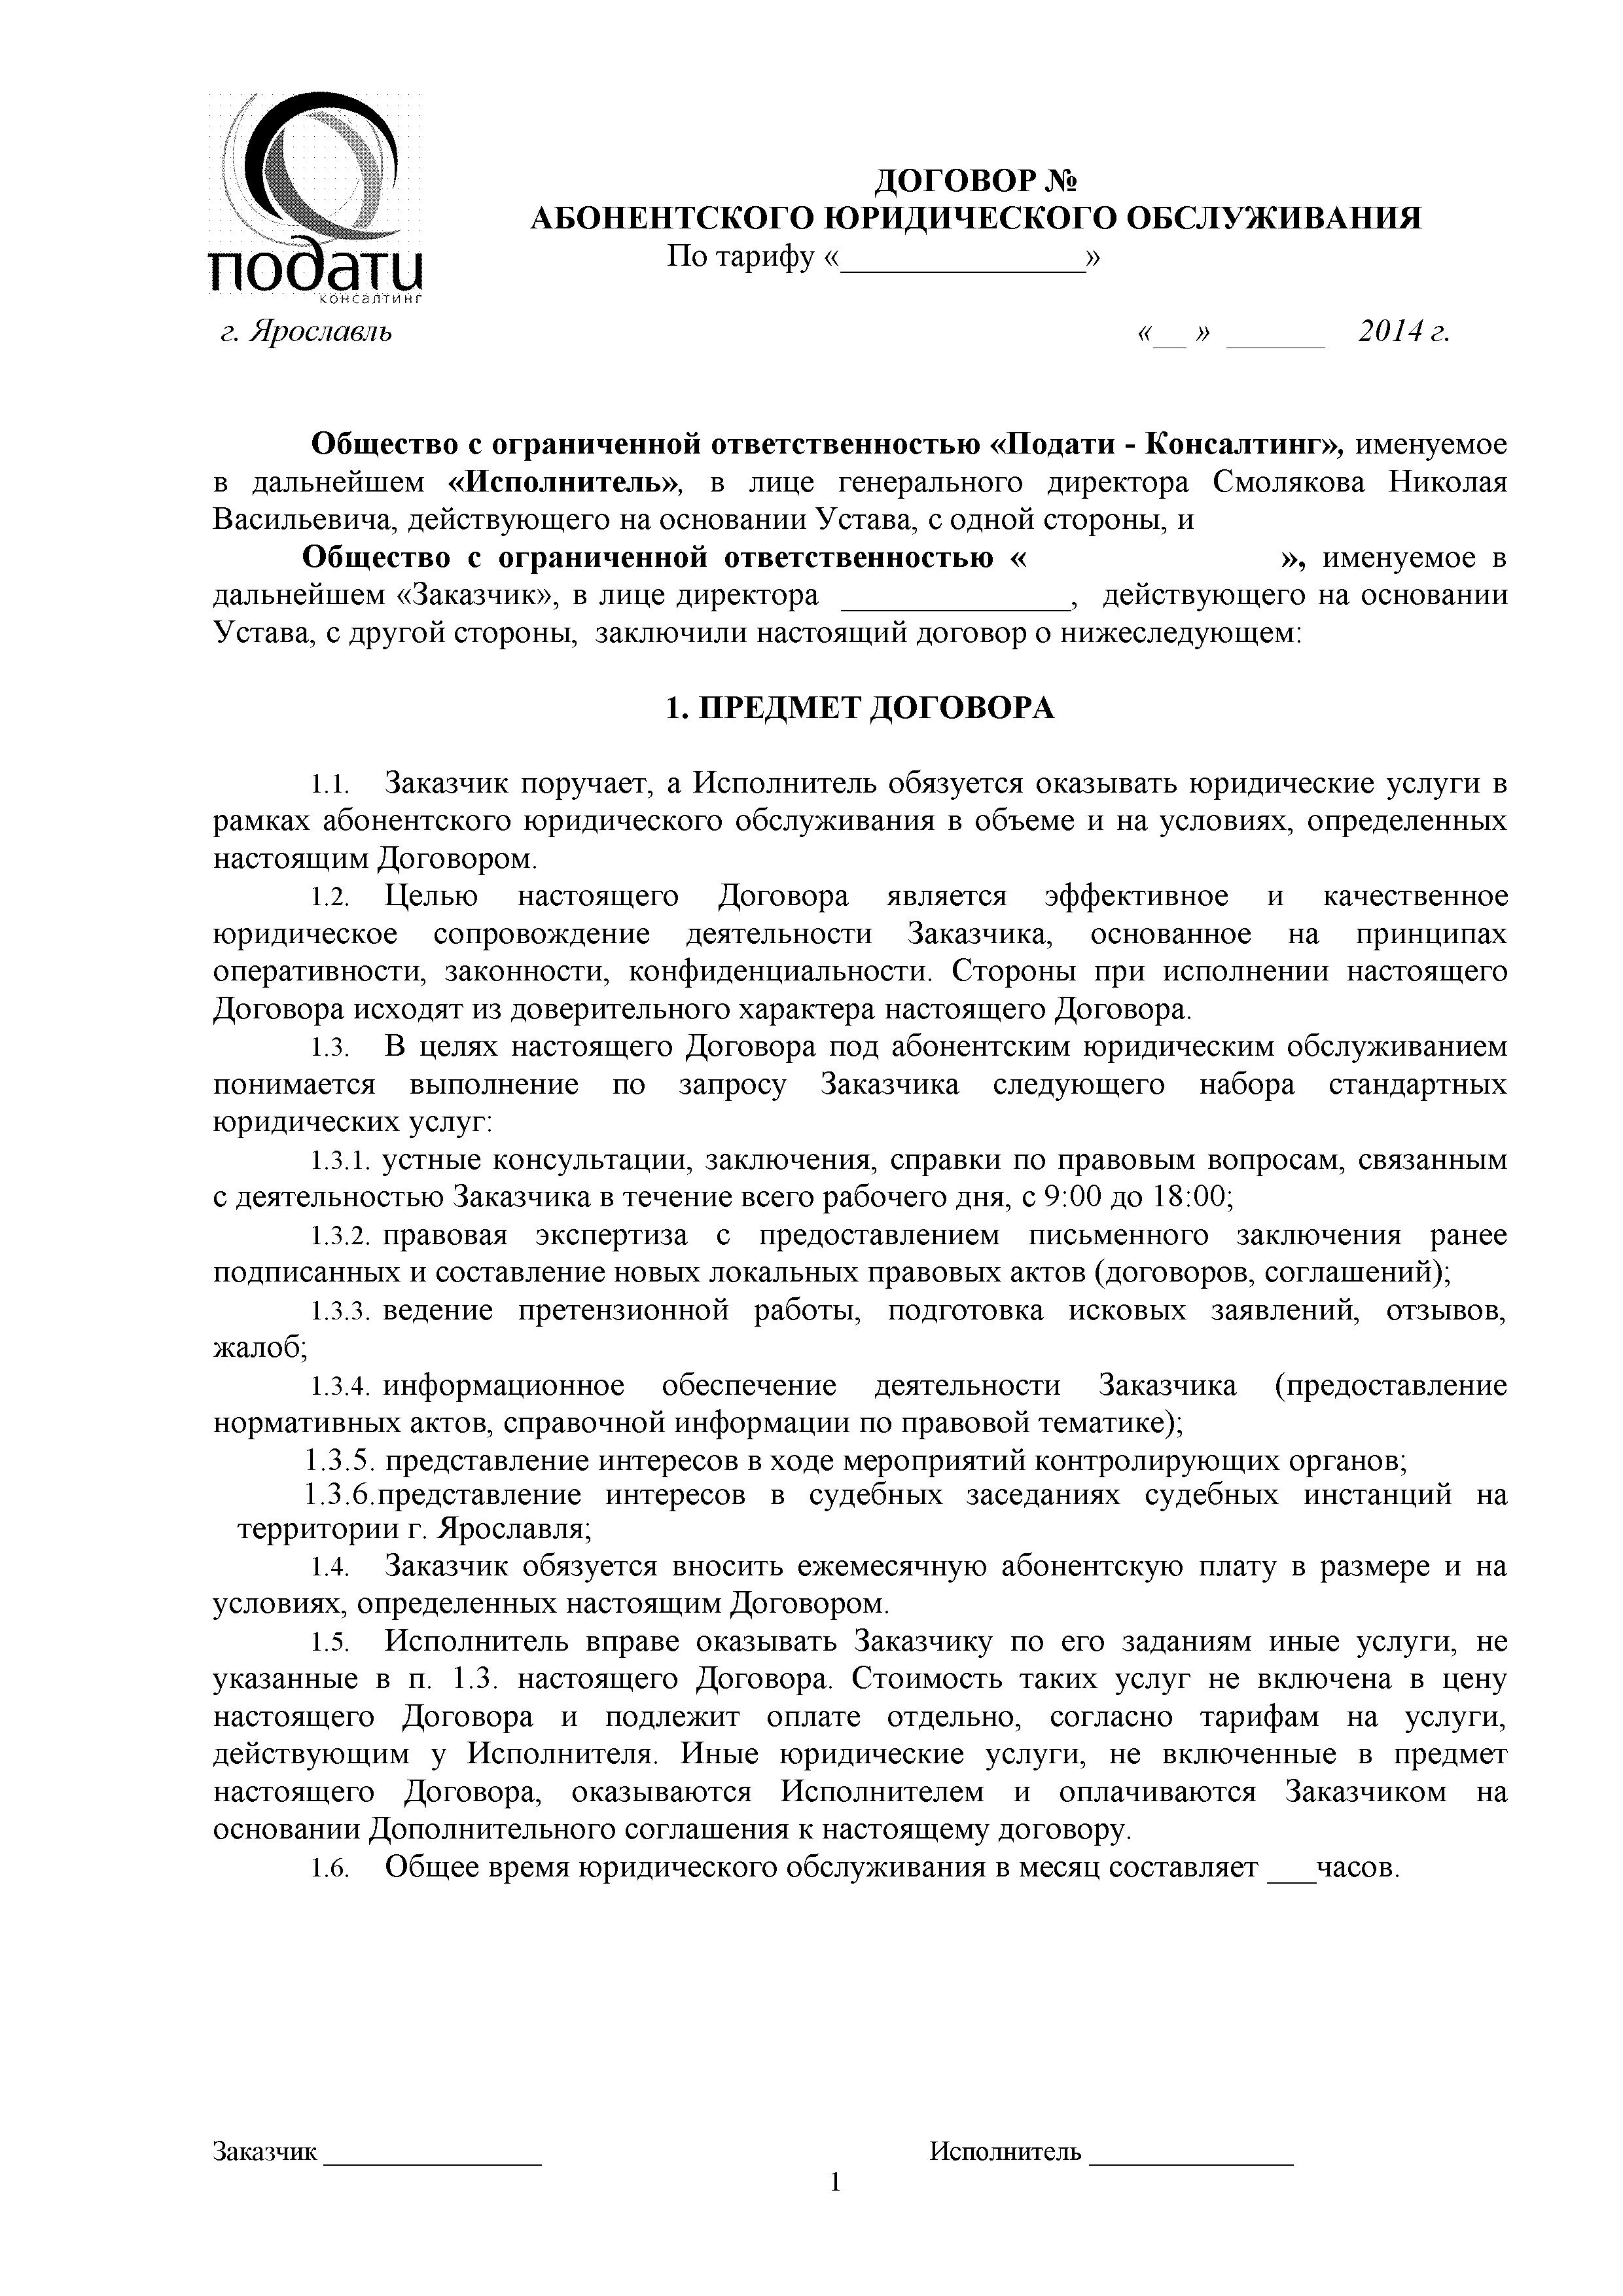 Образец договора на абонентское юридическое обслуживание, стр 1